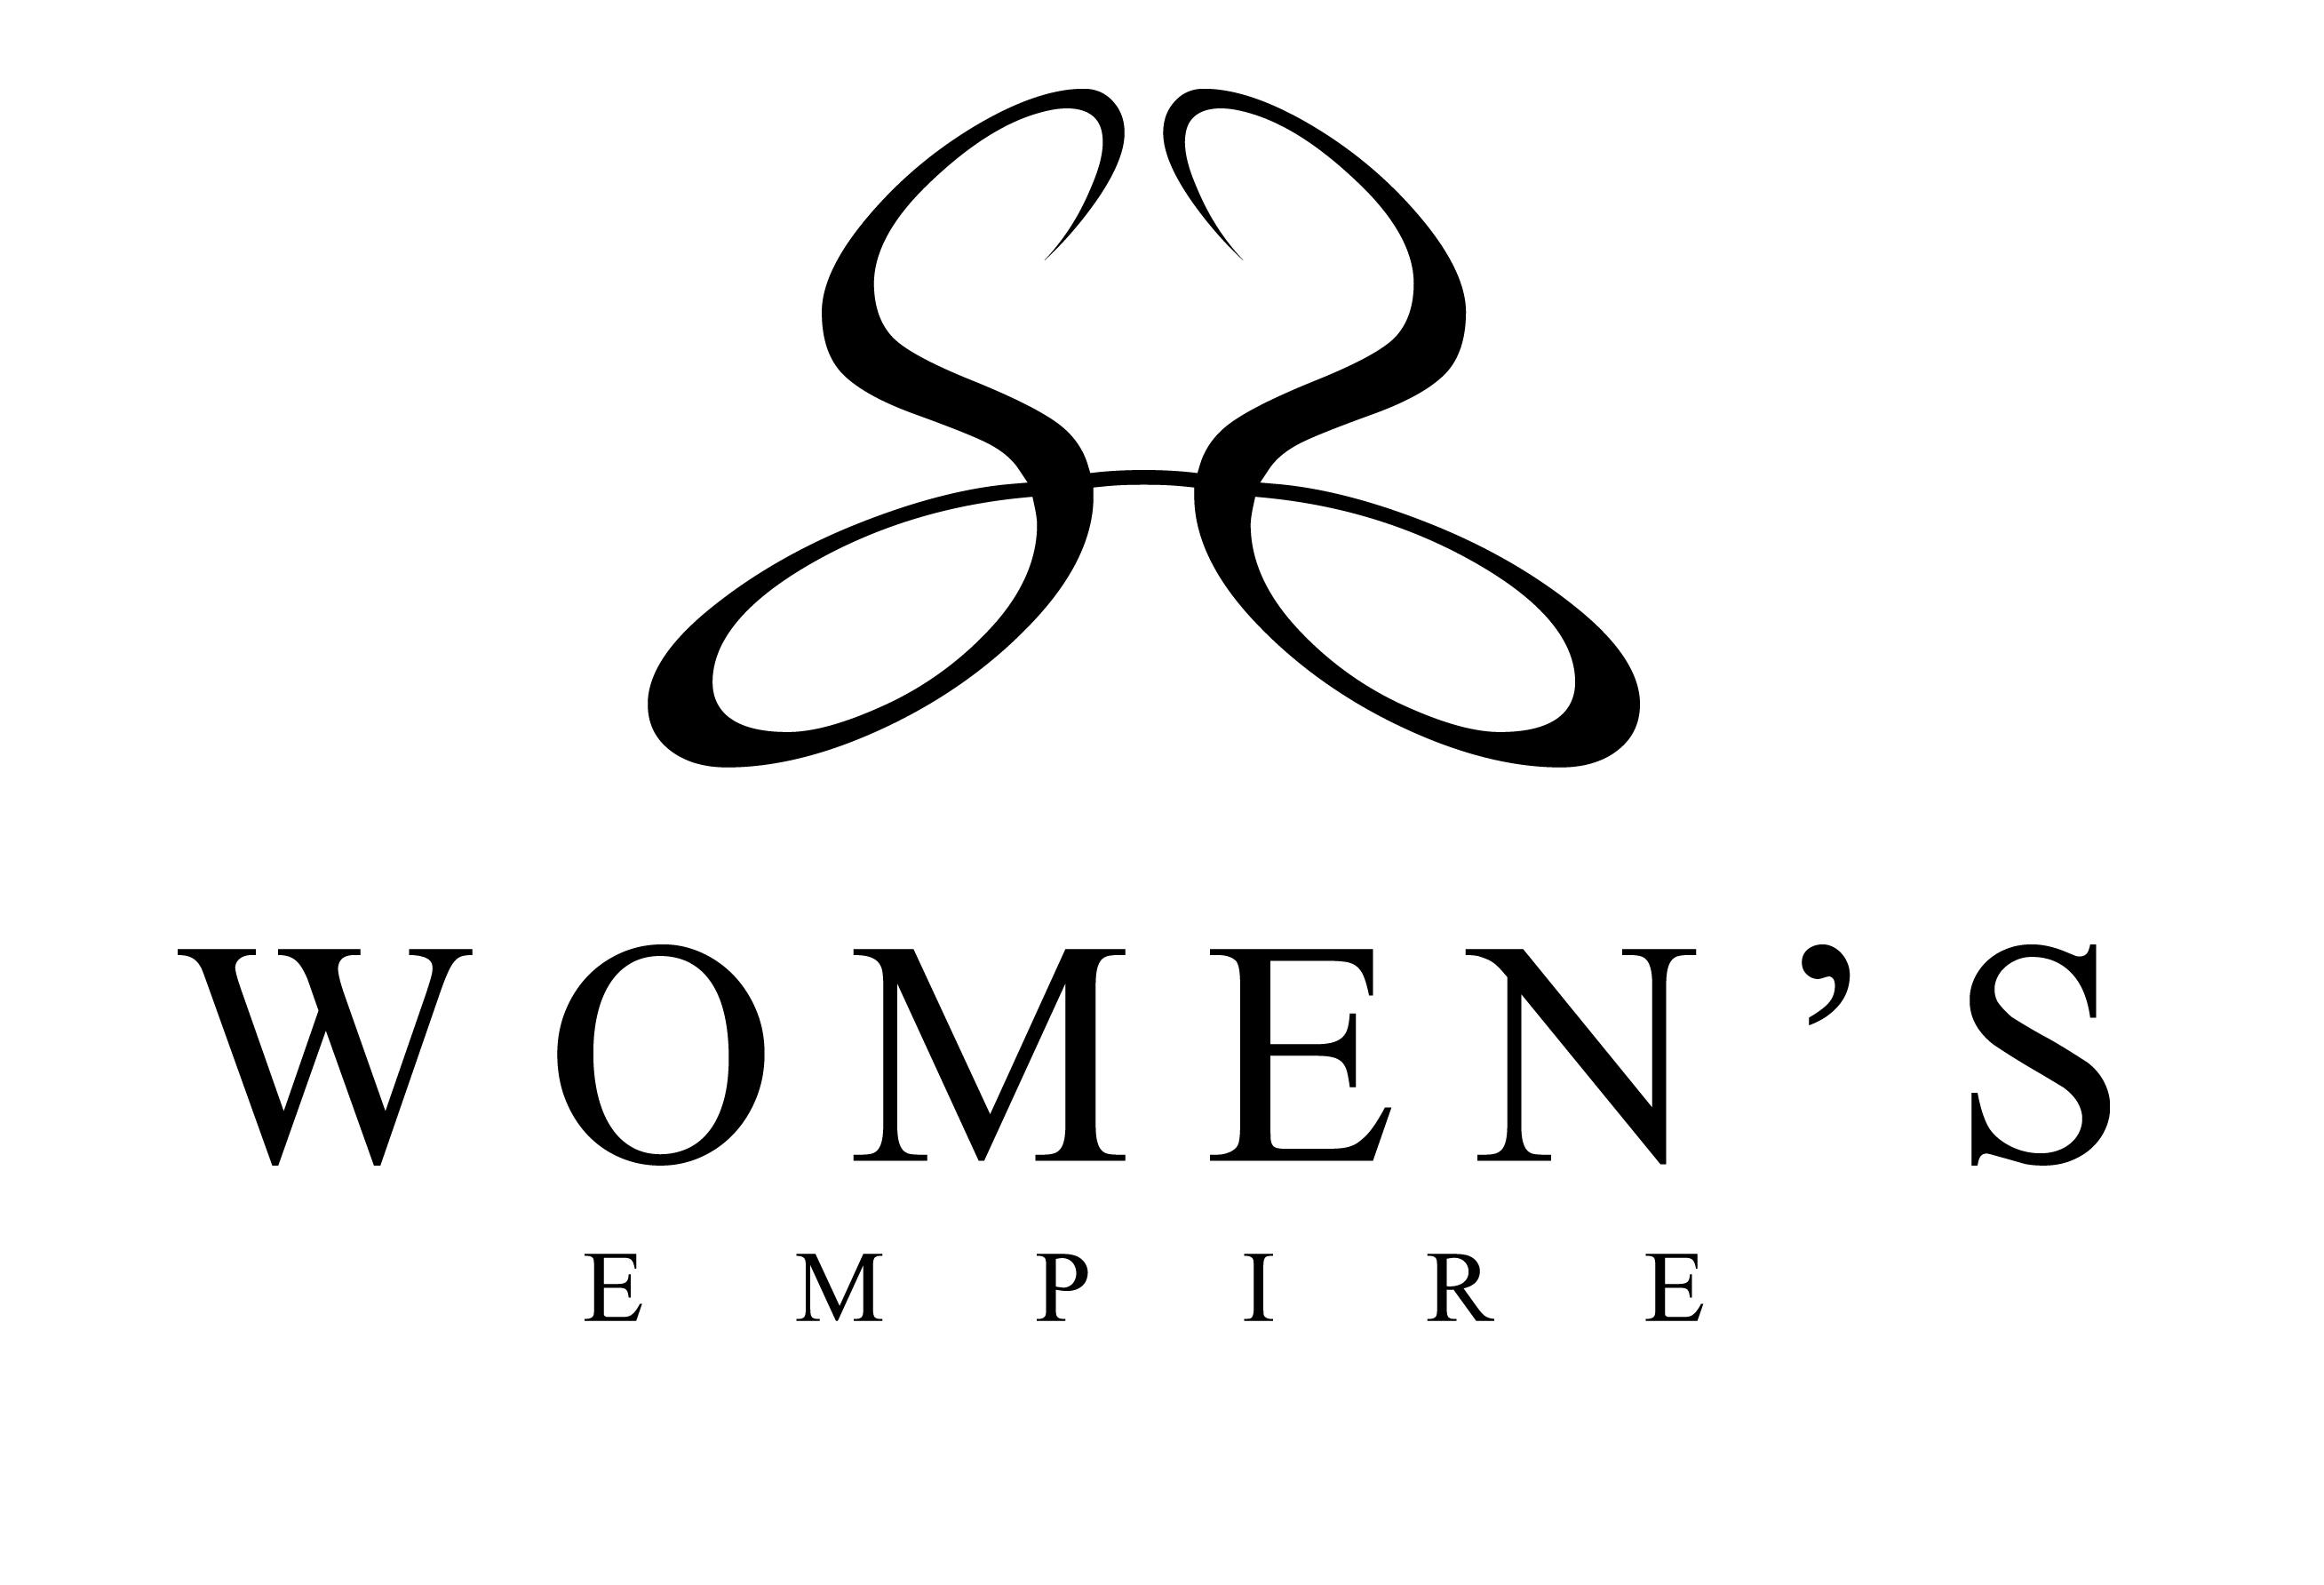 Women's Empire - Saxe-Gambetta